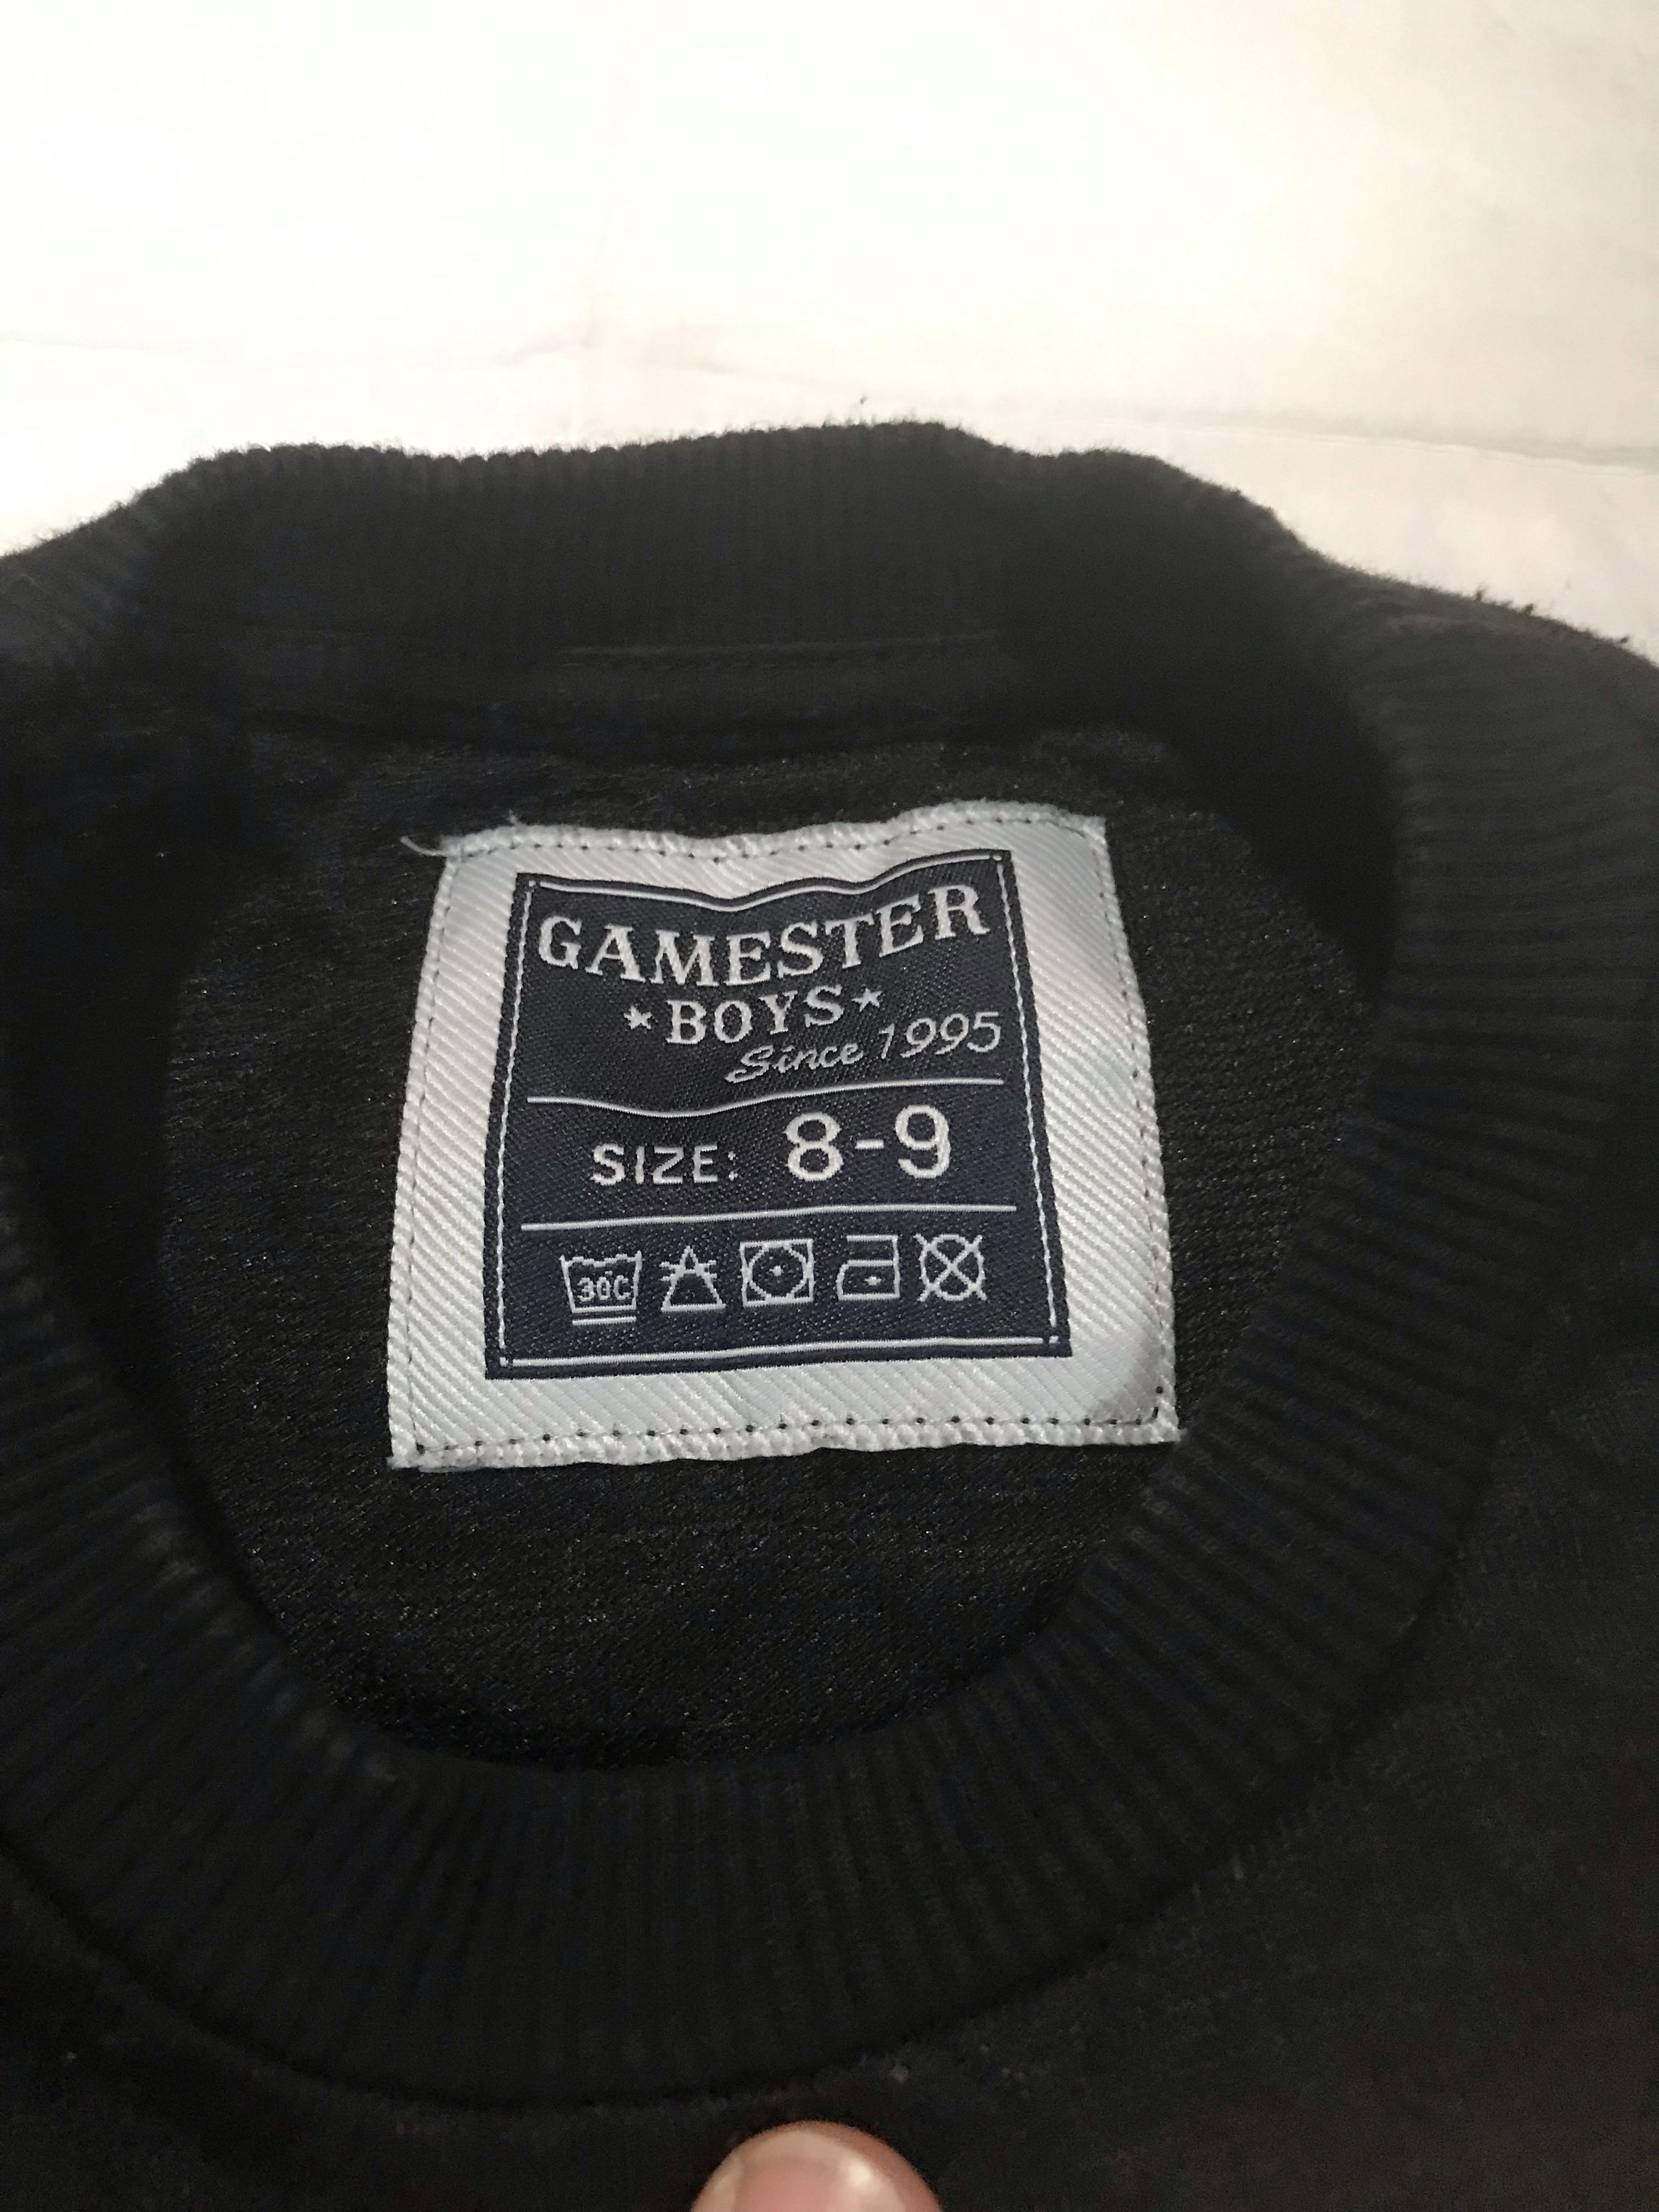 70f3df5f389adb Sweater